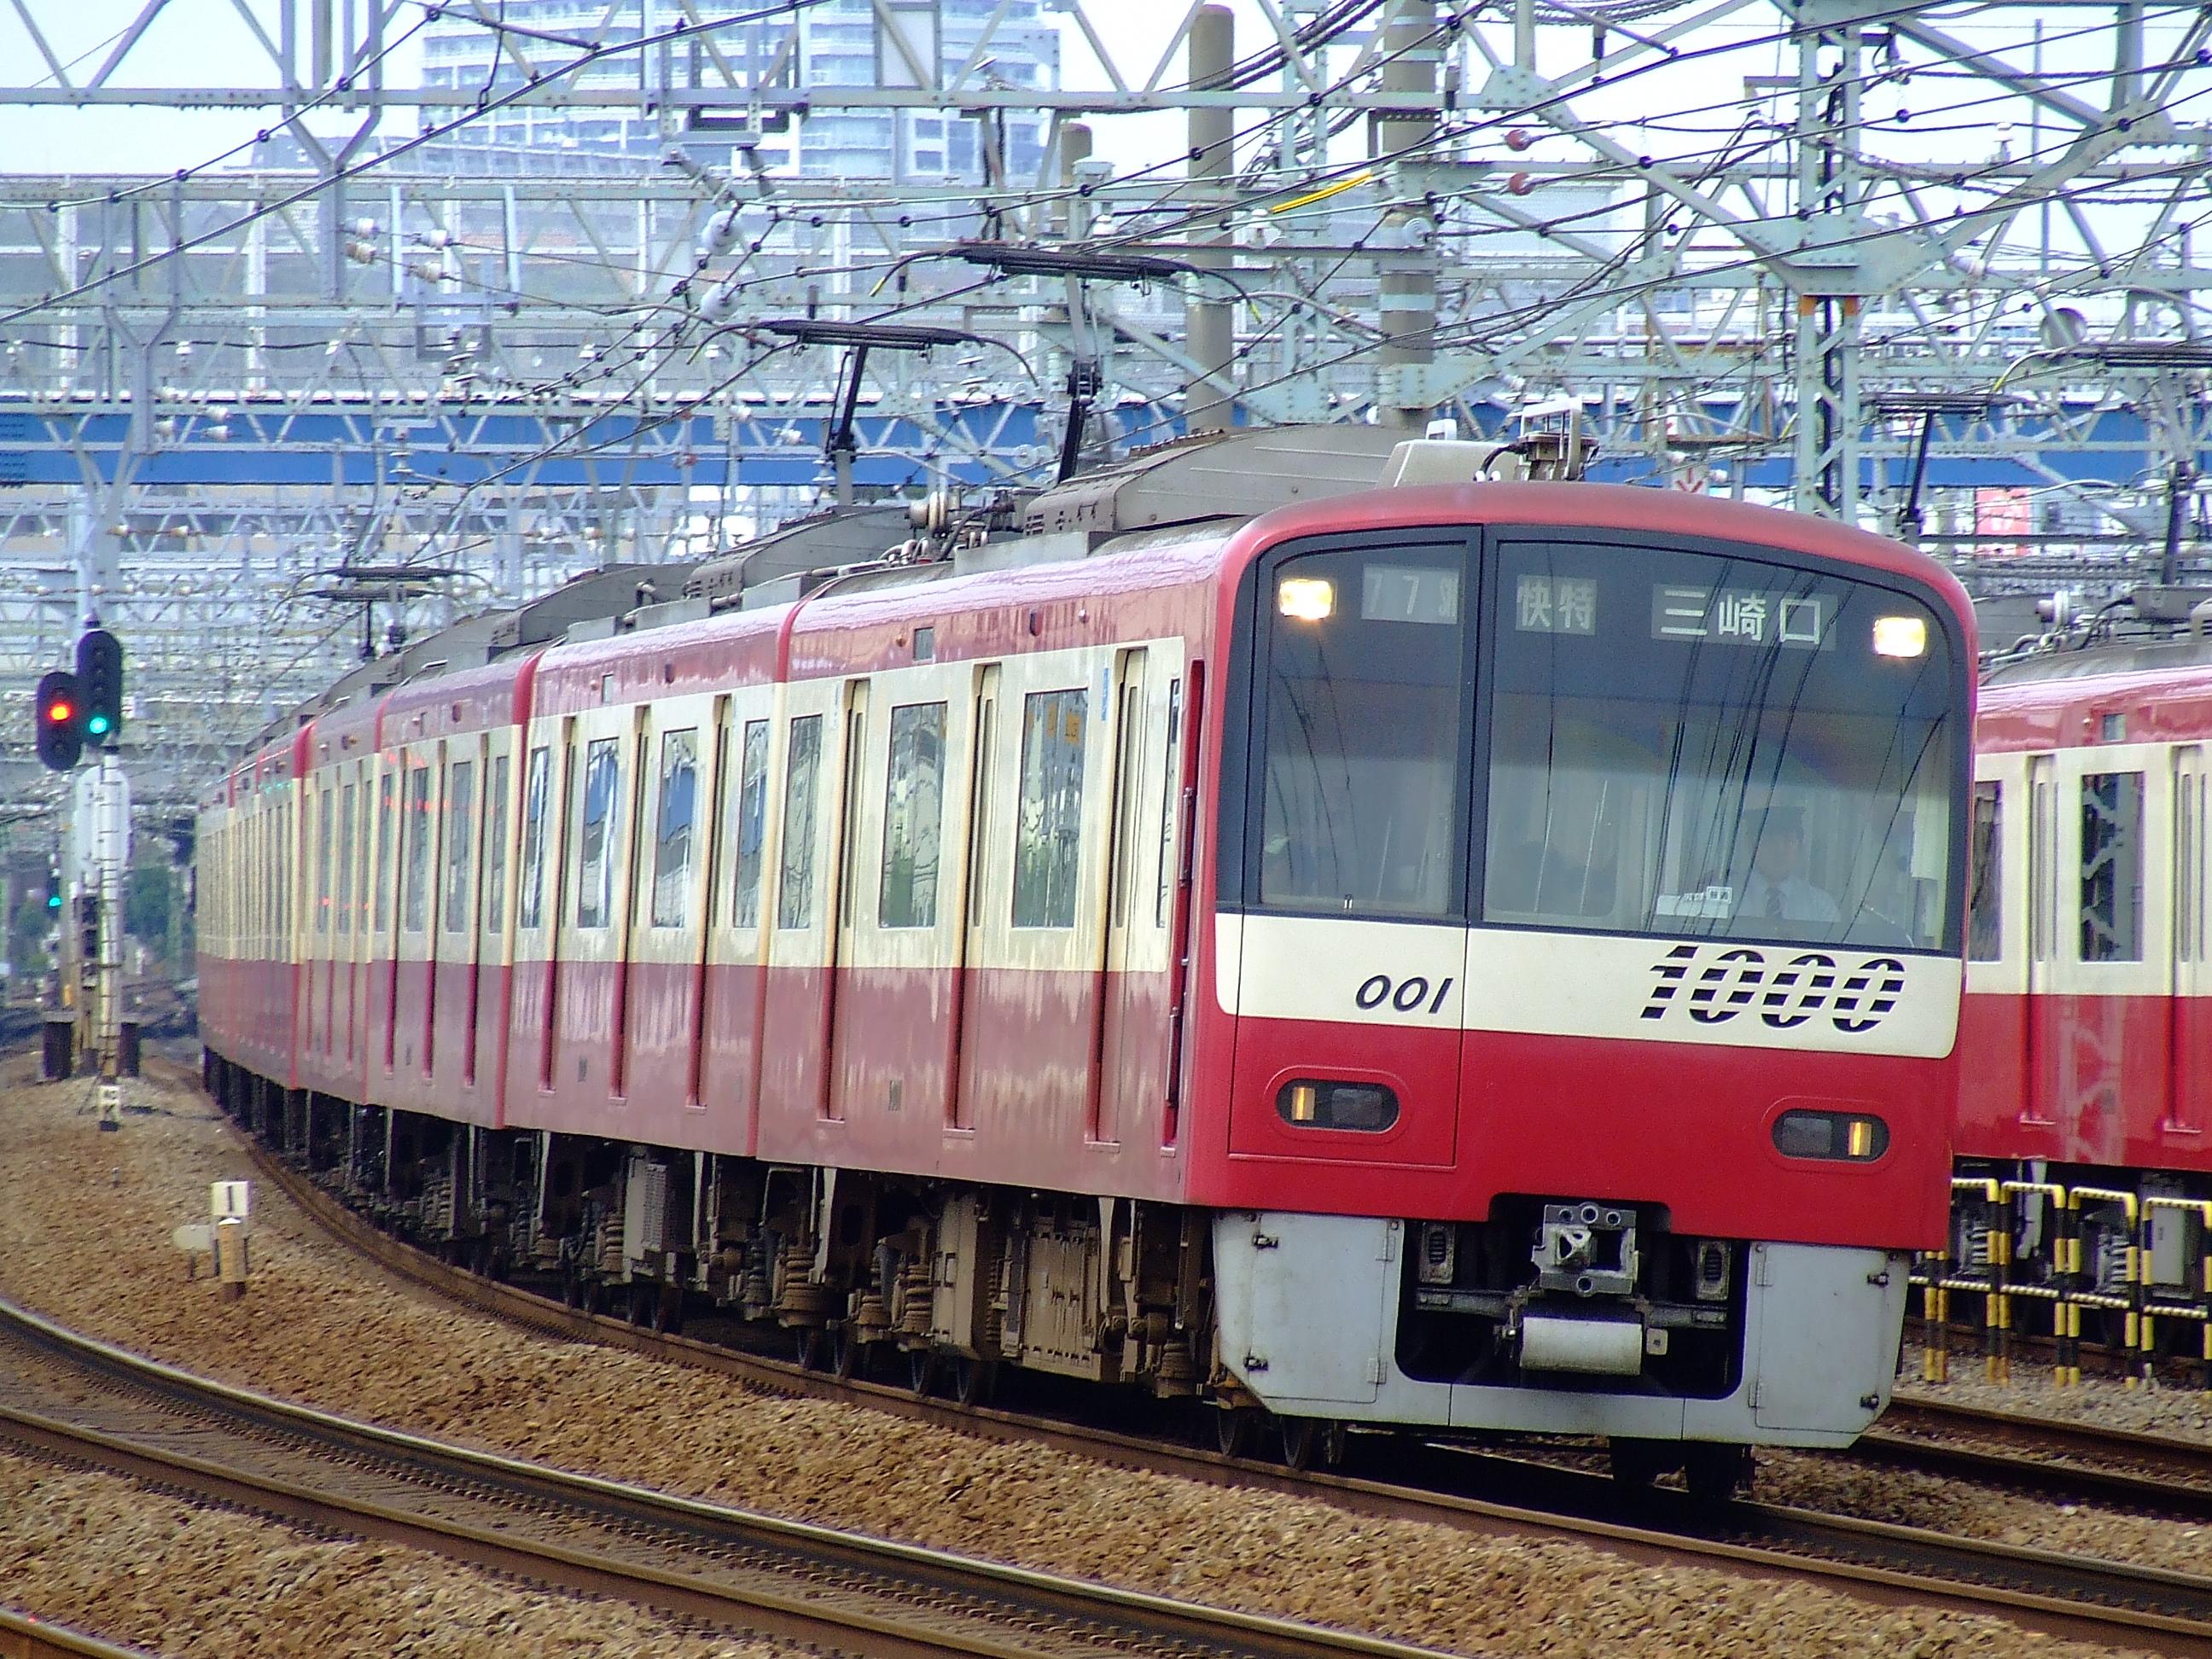 Tokyo Subway Map Keikyu Asakusa Mita.Keikyu Main Line Wikipedia